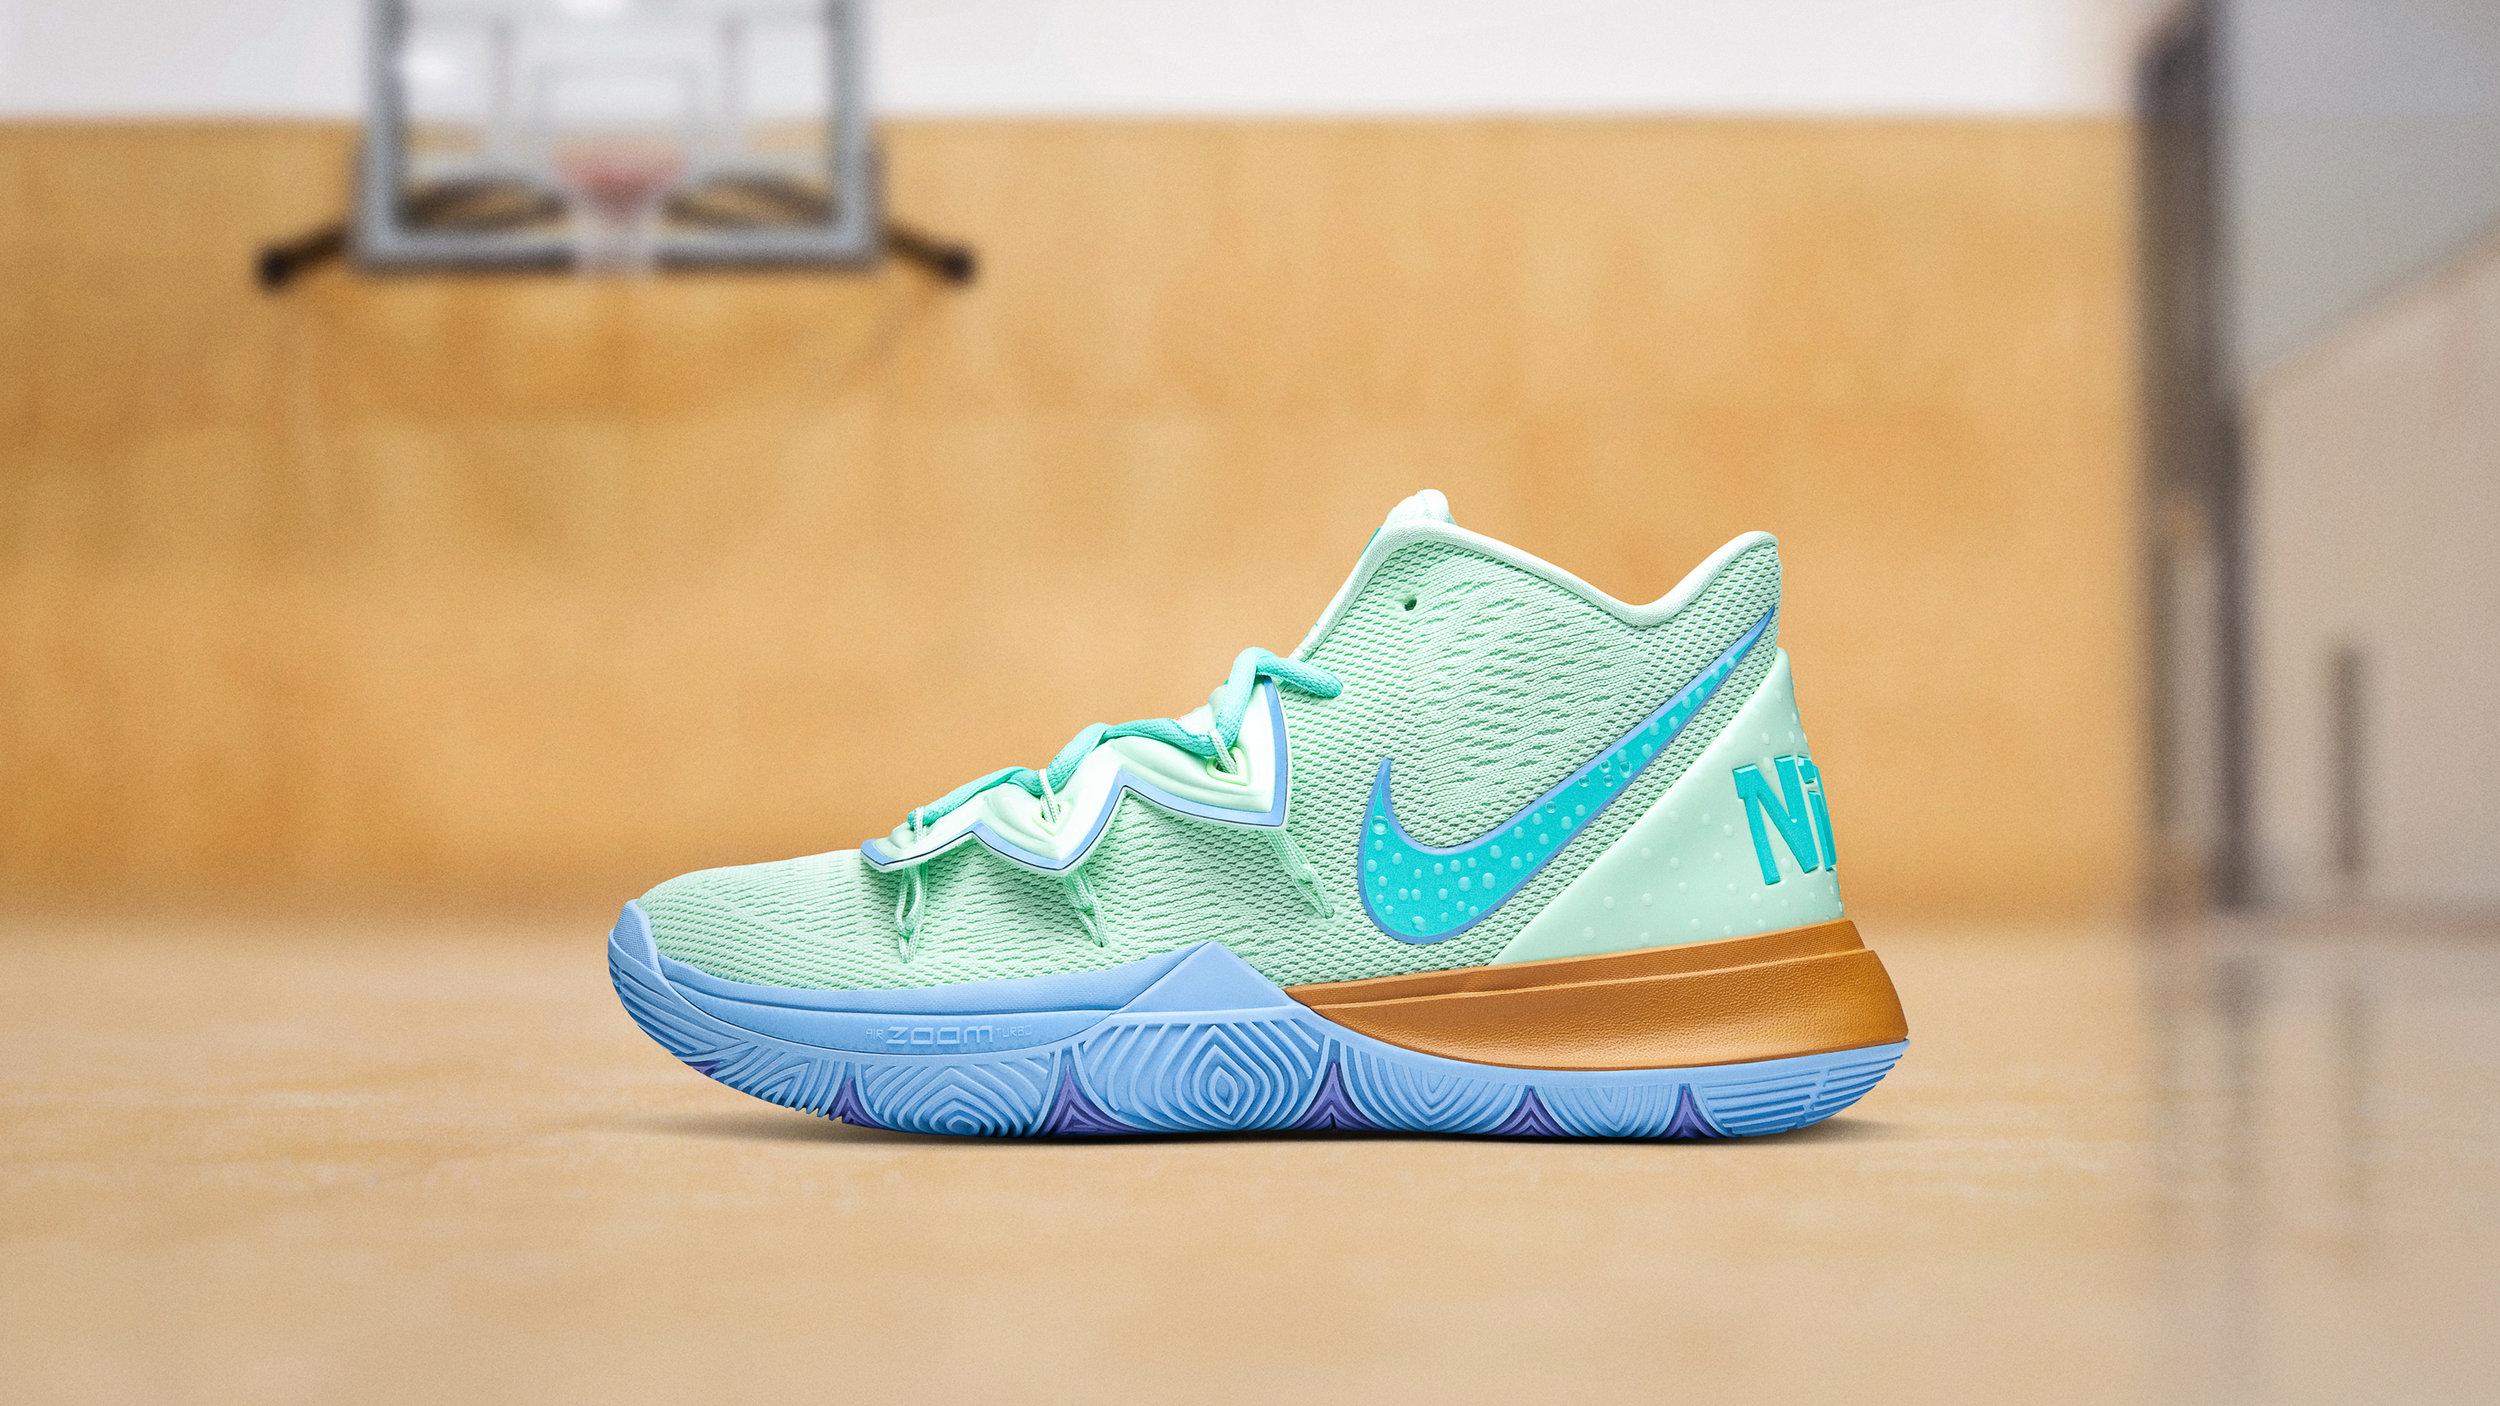 NikeNews_NikeBasketball_Kyrie_Spongebob_DSC_8072_1_89219.jpg